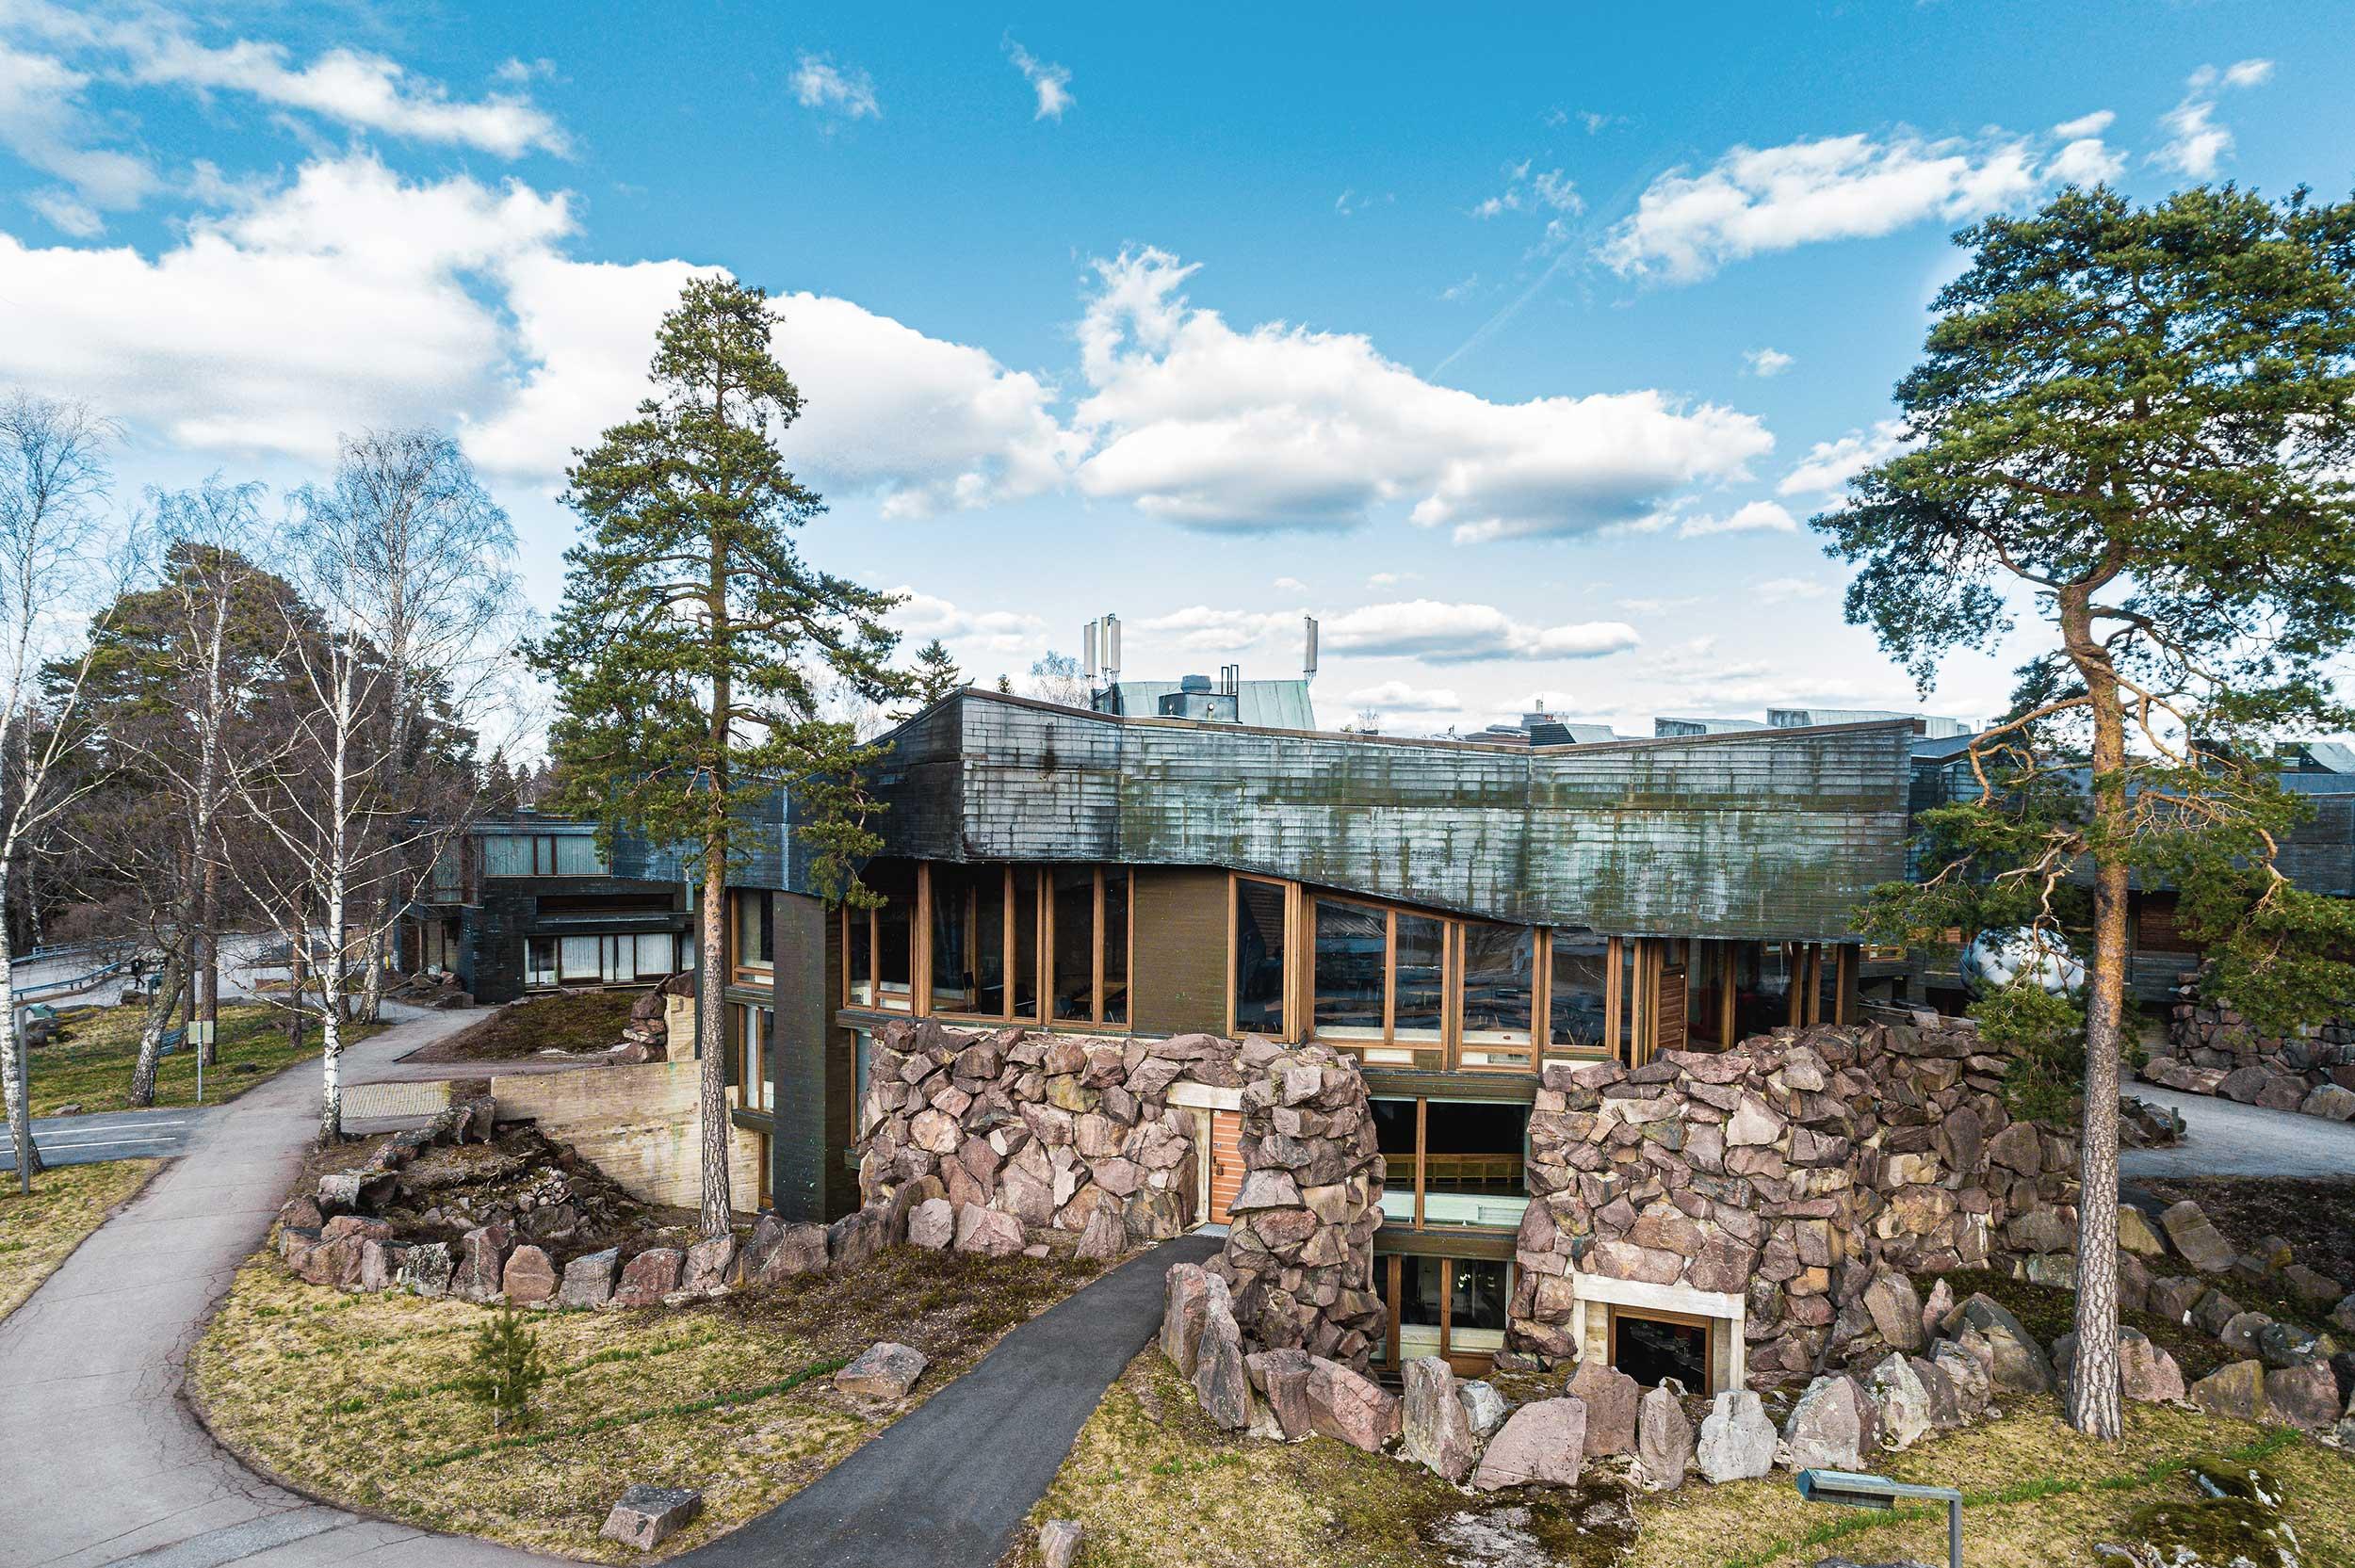 puu ja kivi arkkitehtuurin valokuvaaja